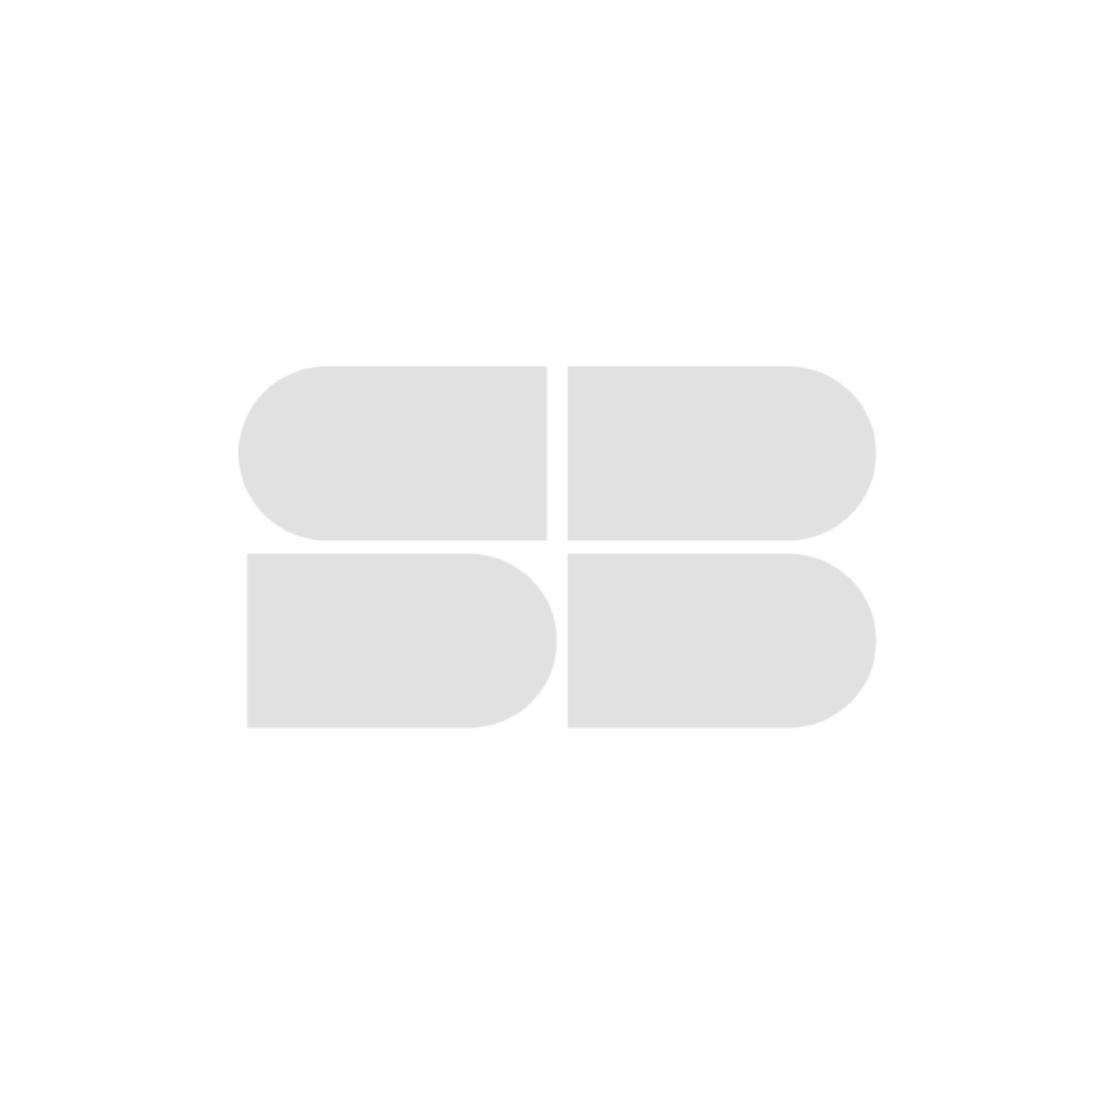 Bewell โต๊ะทำงานปรับระดับอัตโนมัติ GY140-WH  ขนาด 140 ซม. สีขาว